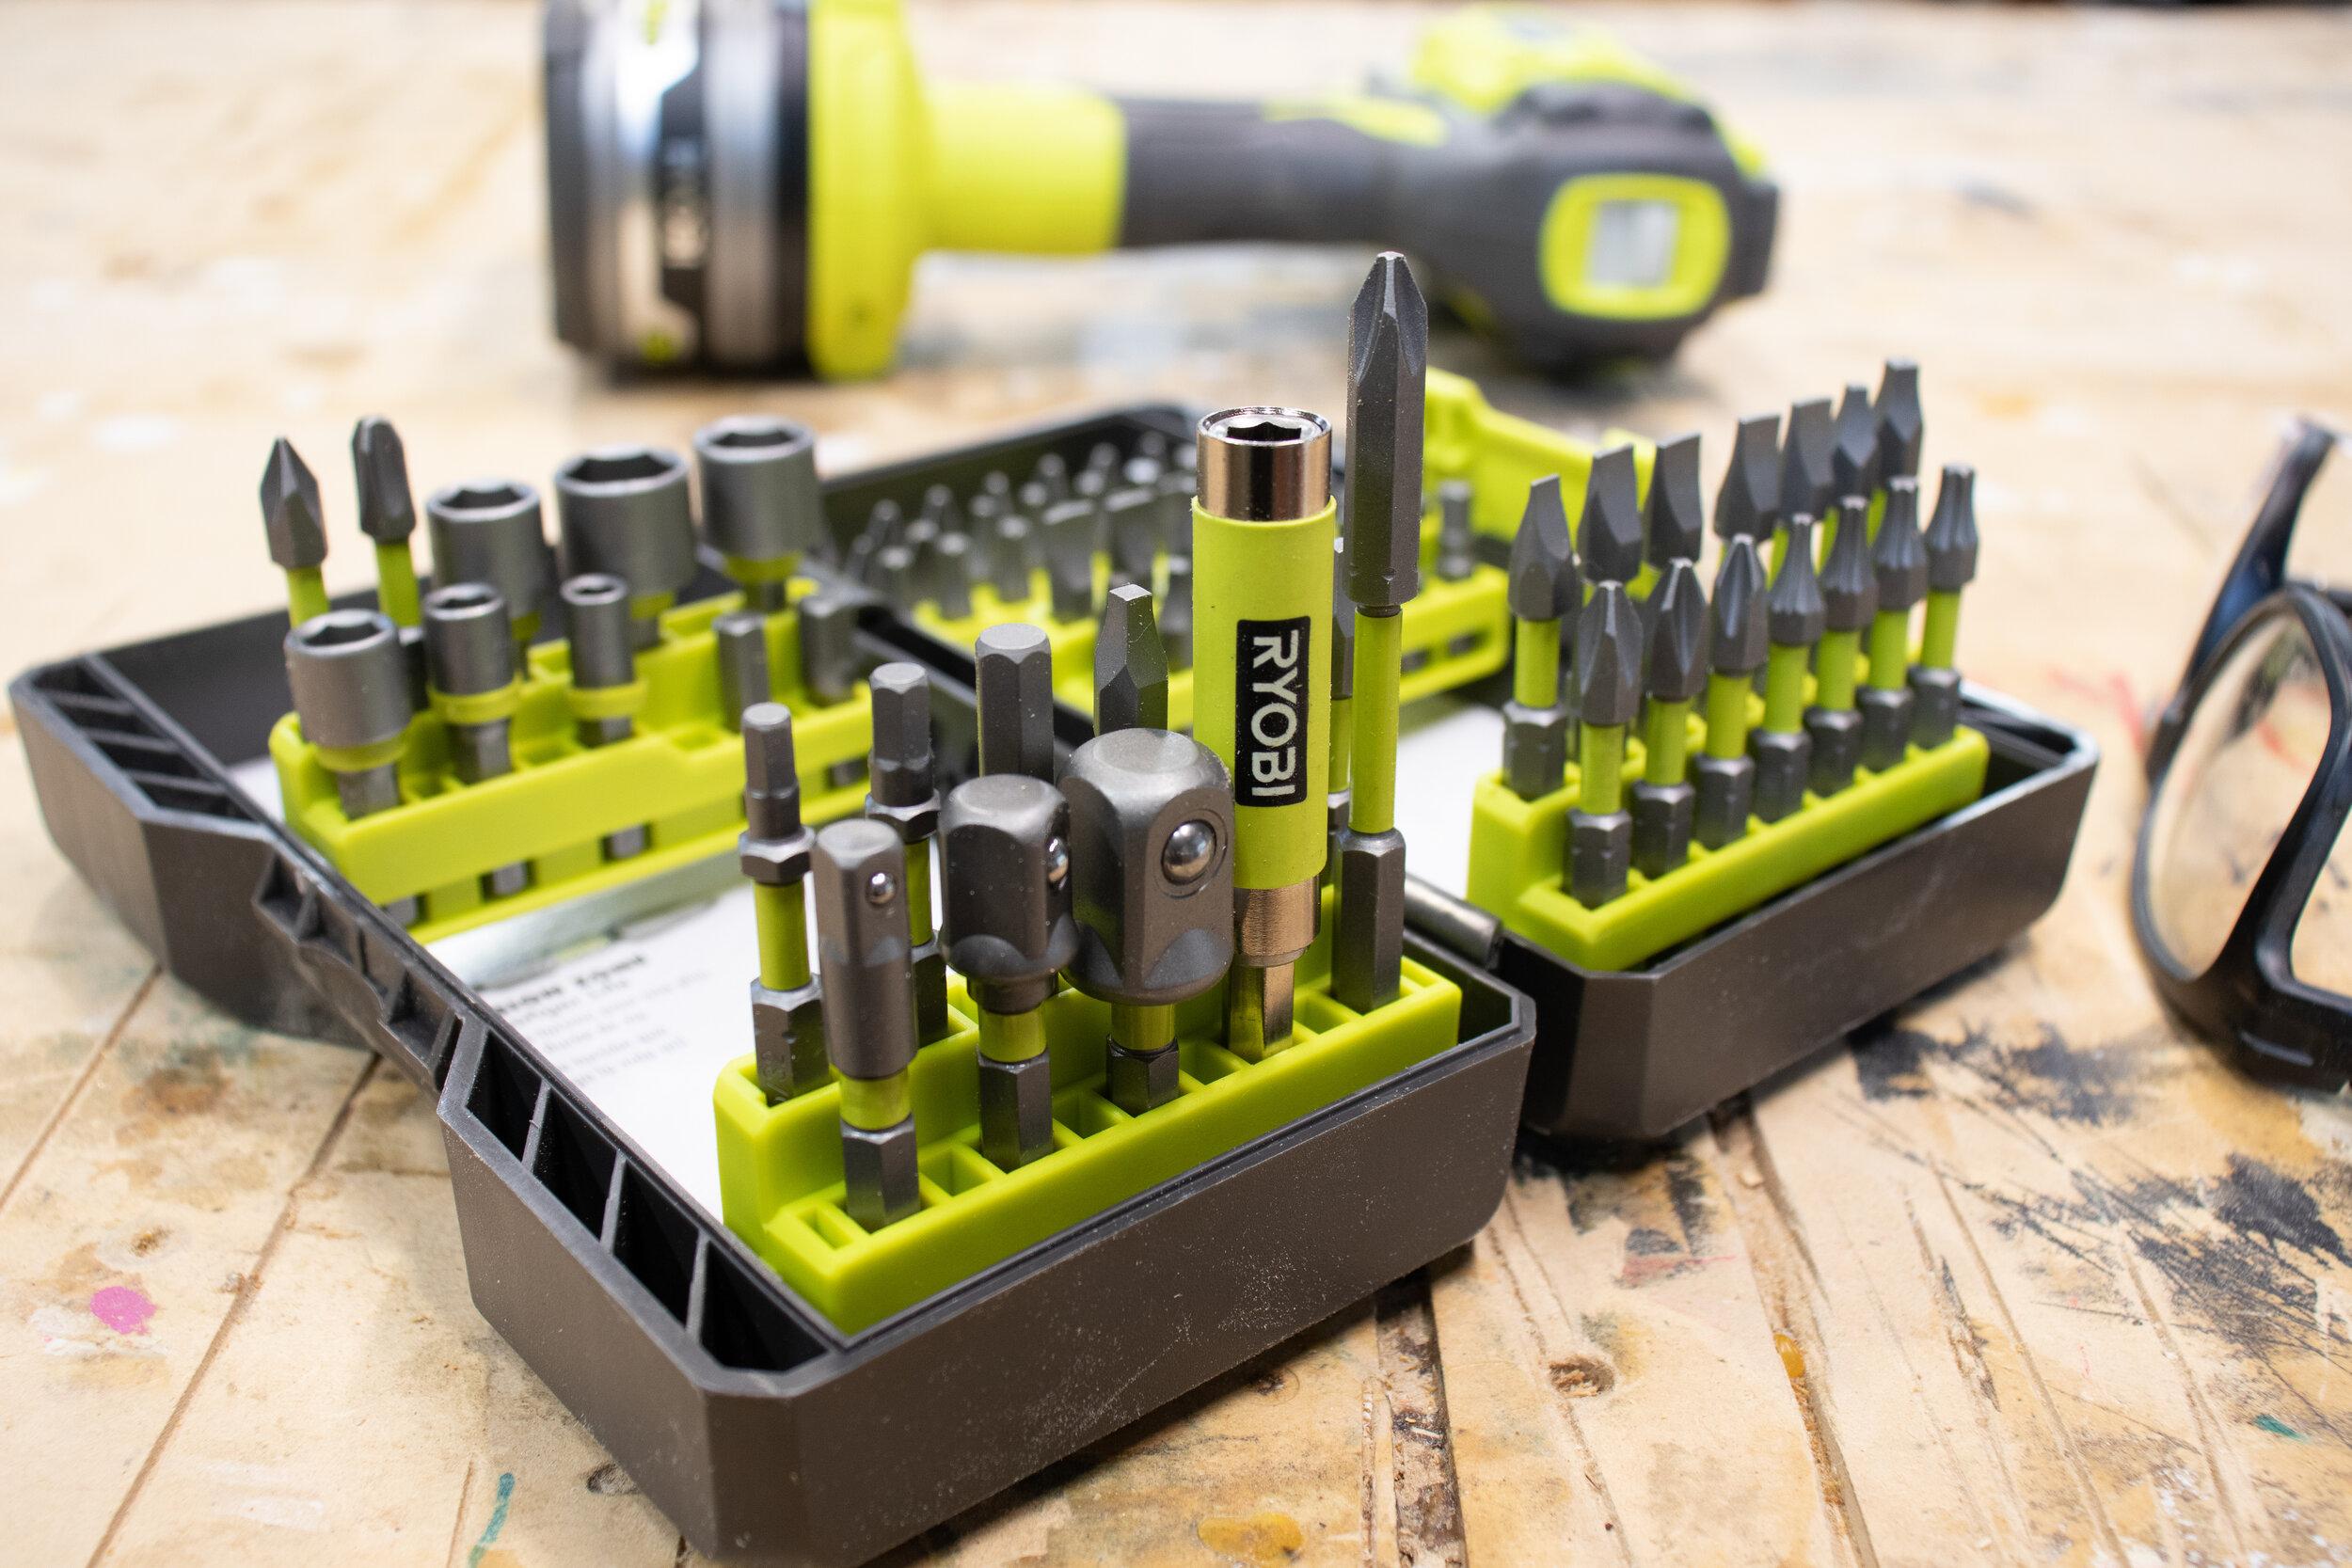 Ryobi Drill Bits